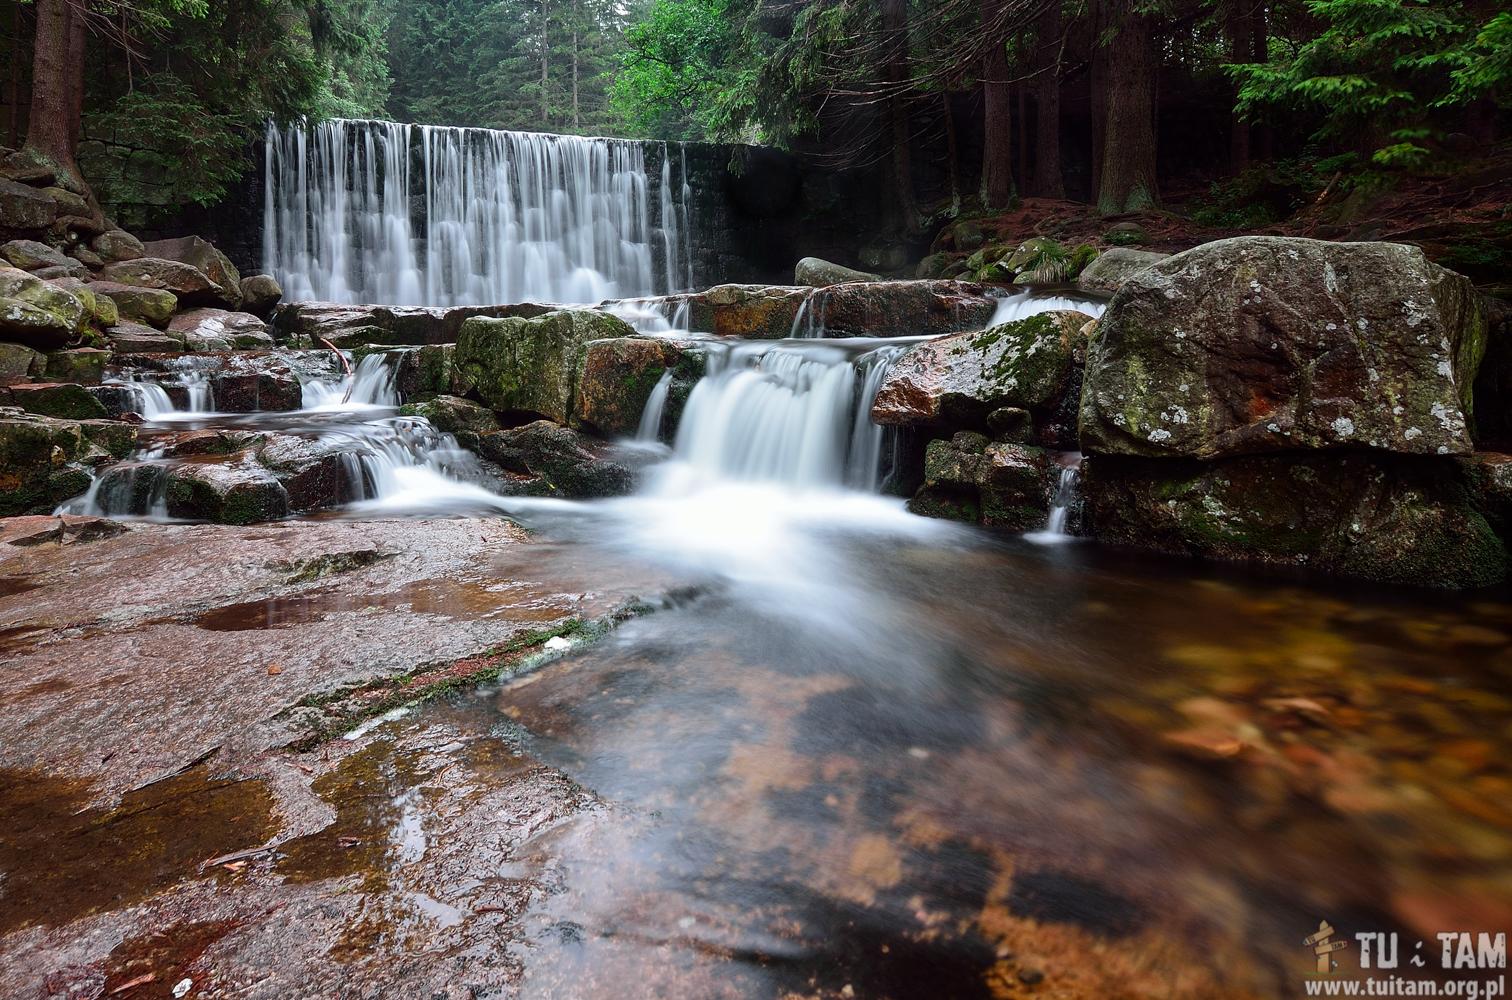 Najpiękniejsze wodospady w Polsce - Wodospad Dziki